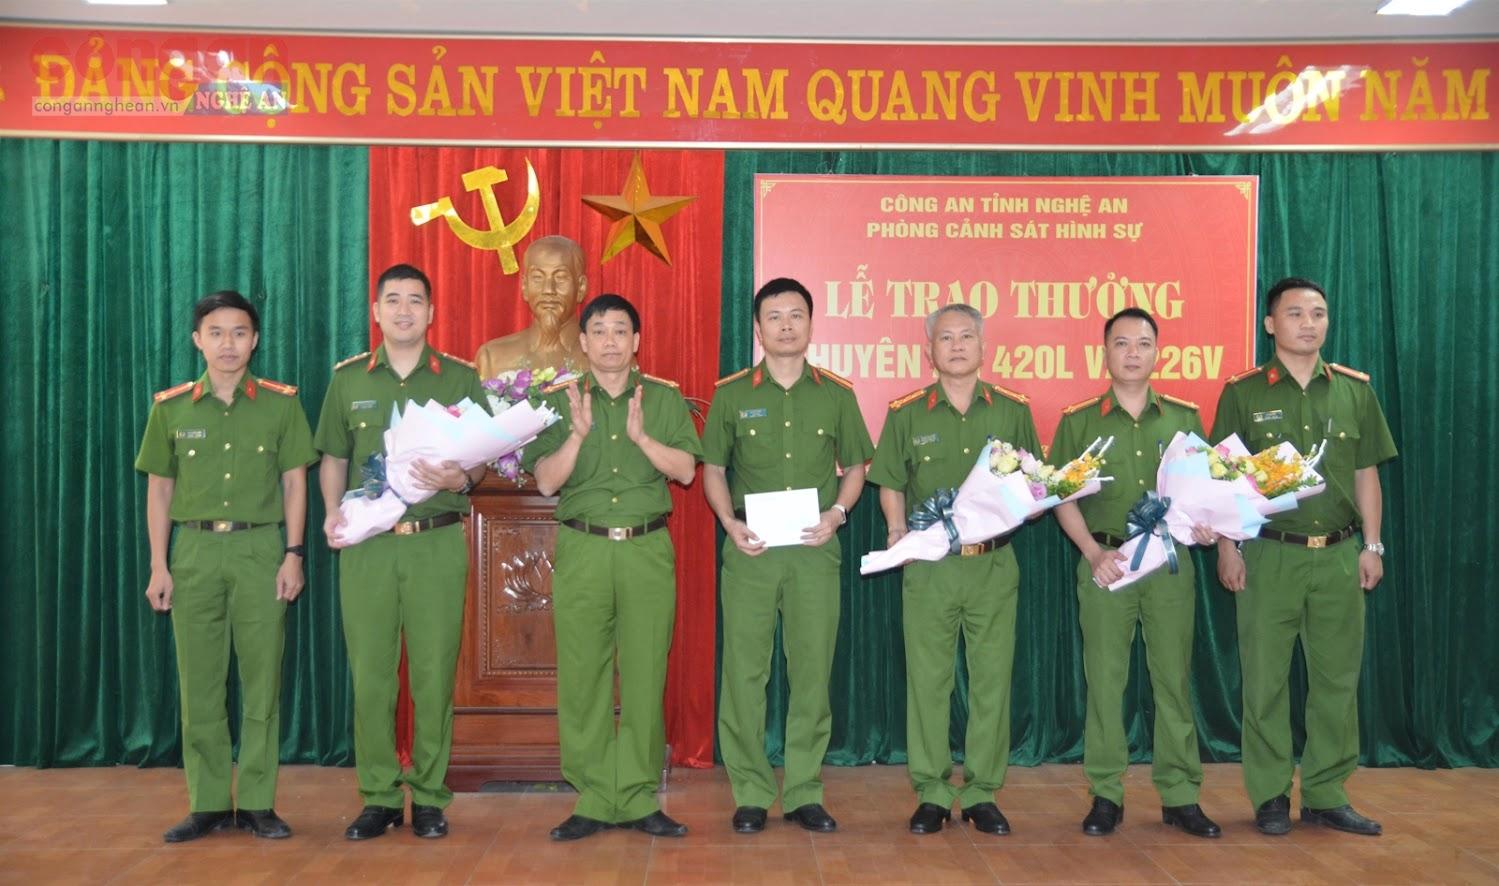 Đồng chí Đại tá Nguyễn Mạnh Hùng, Phó Giám đốc Công an tỉnh  trao thưởng cho Ban chuyên án